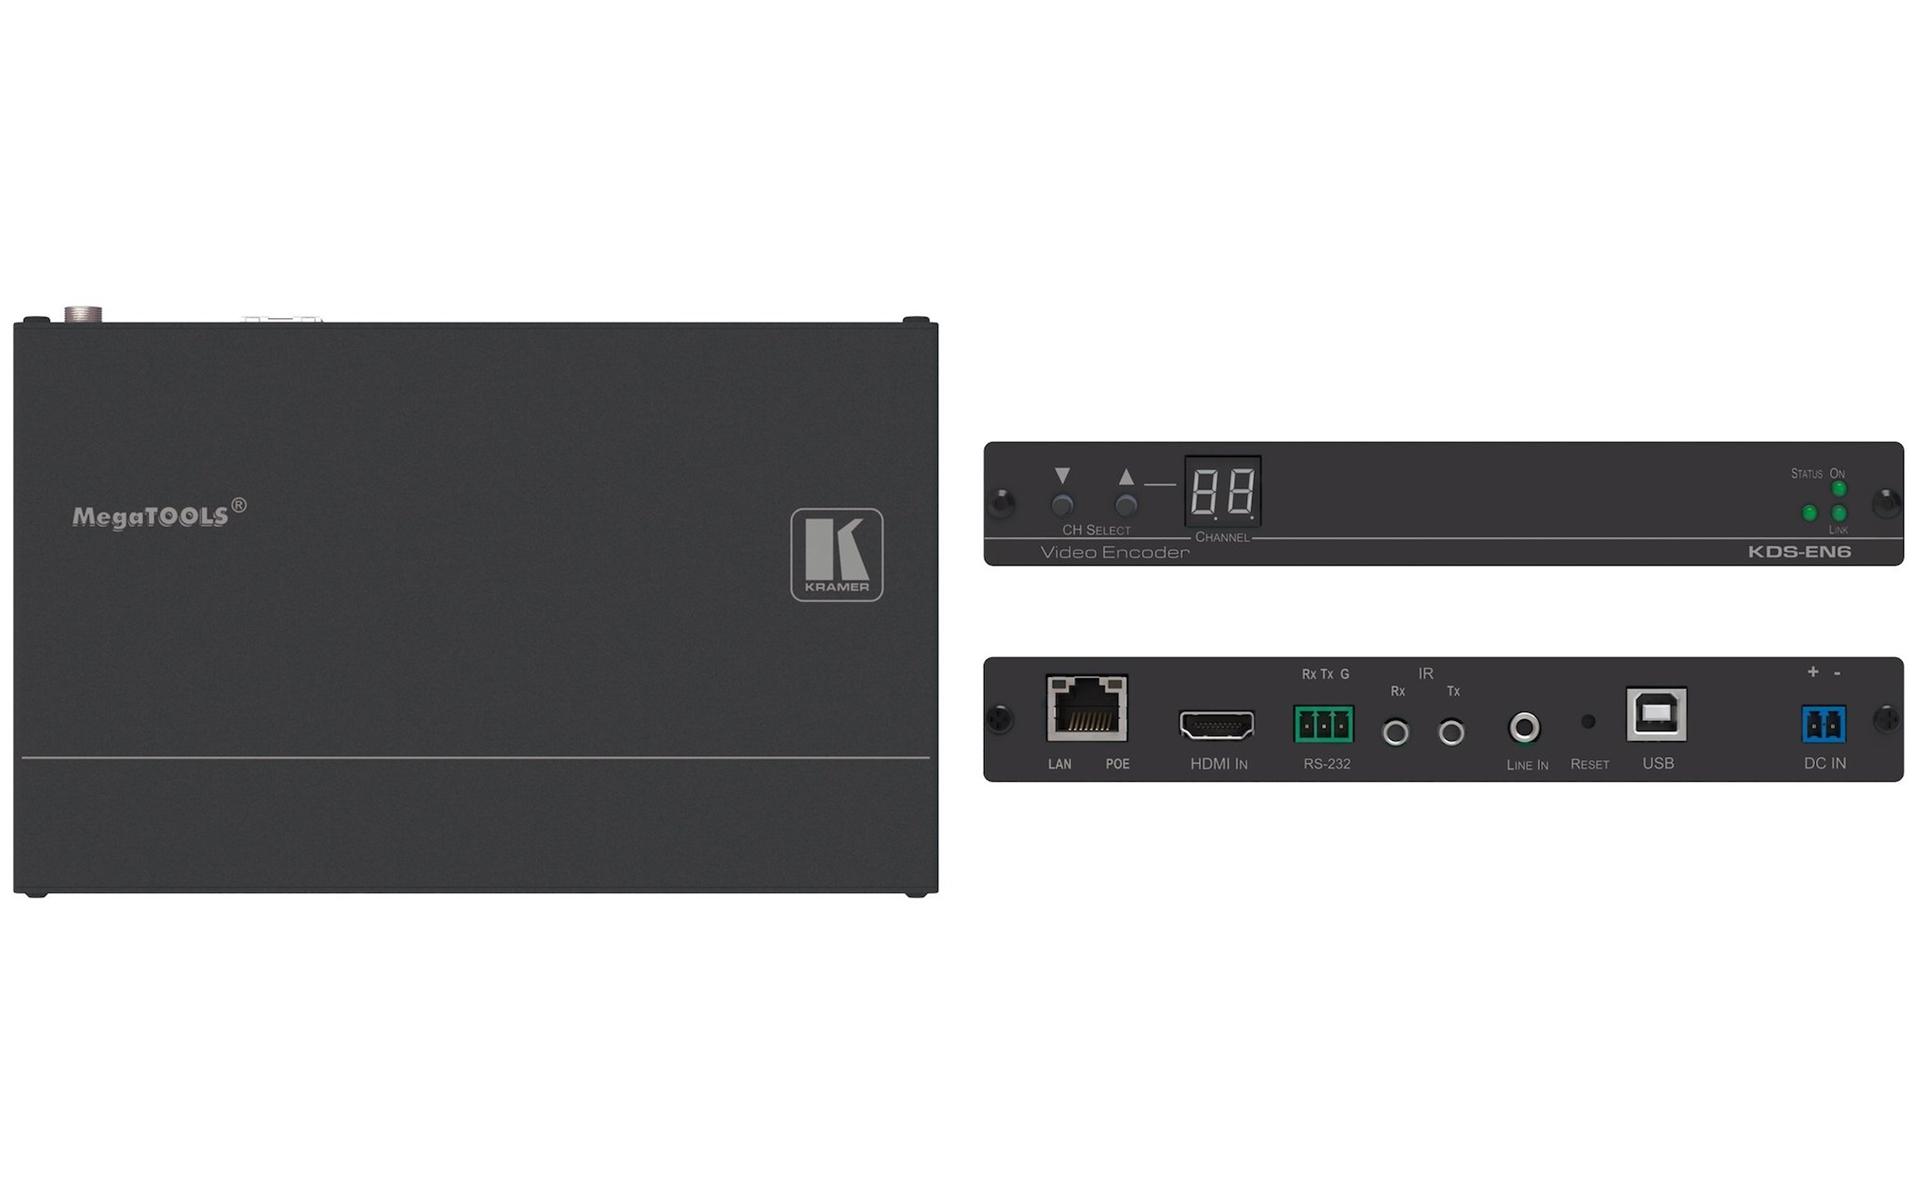 Kramer: KDS-EN6 4K 60Hz HDCP 2 2 Video Encoder & Decoder POE